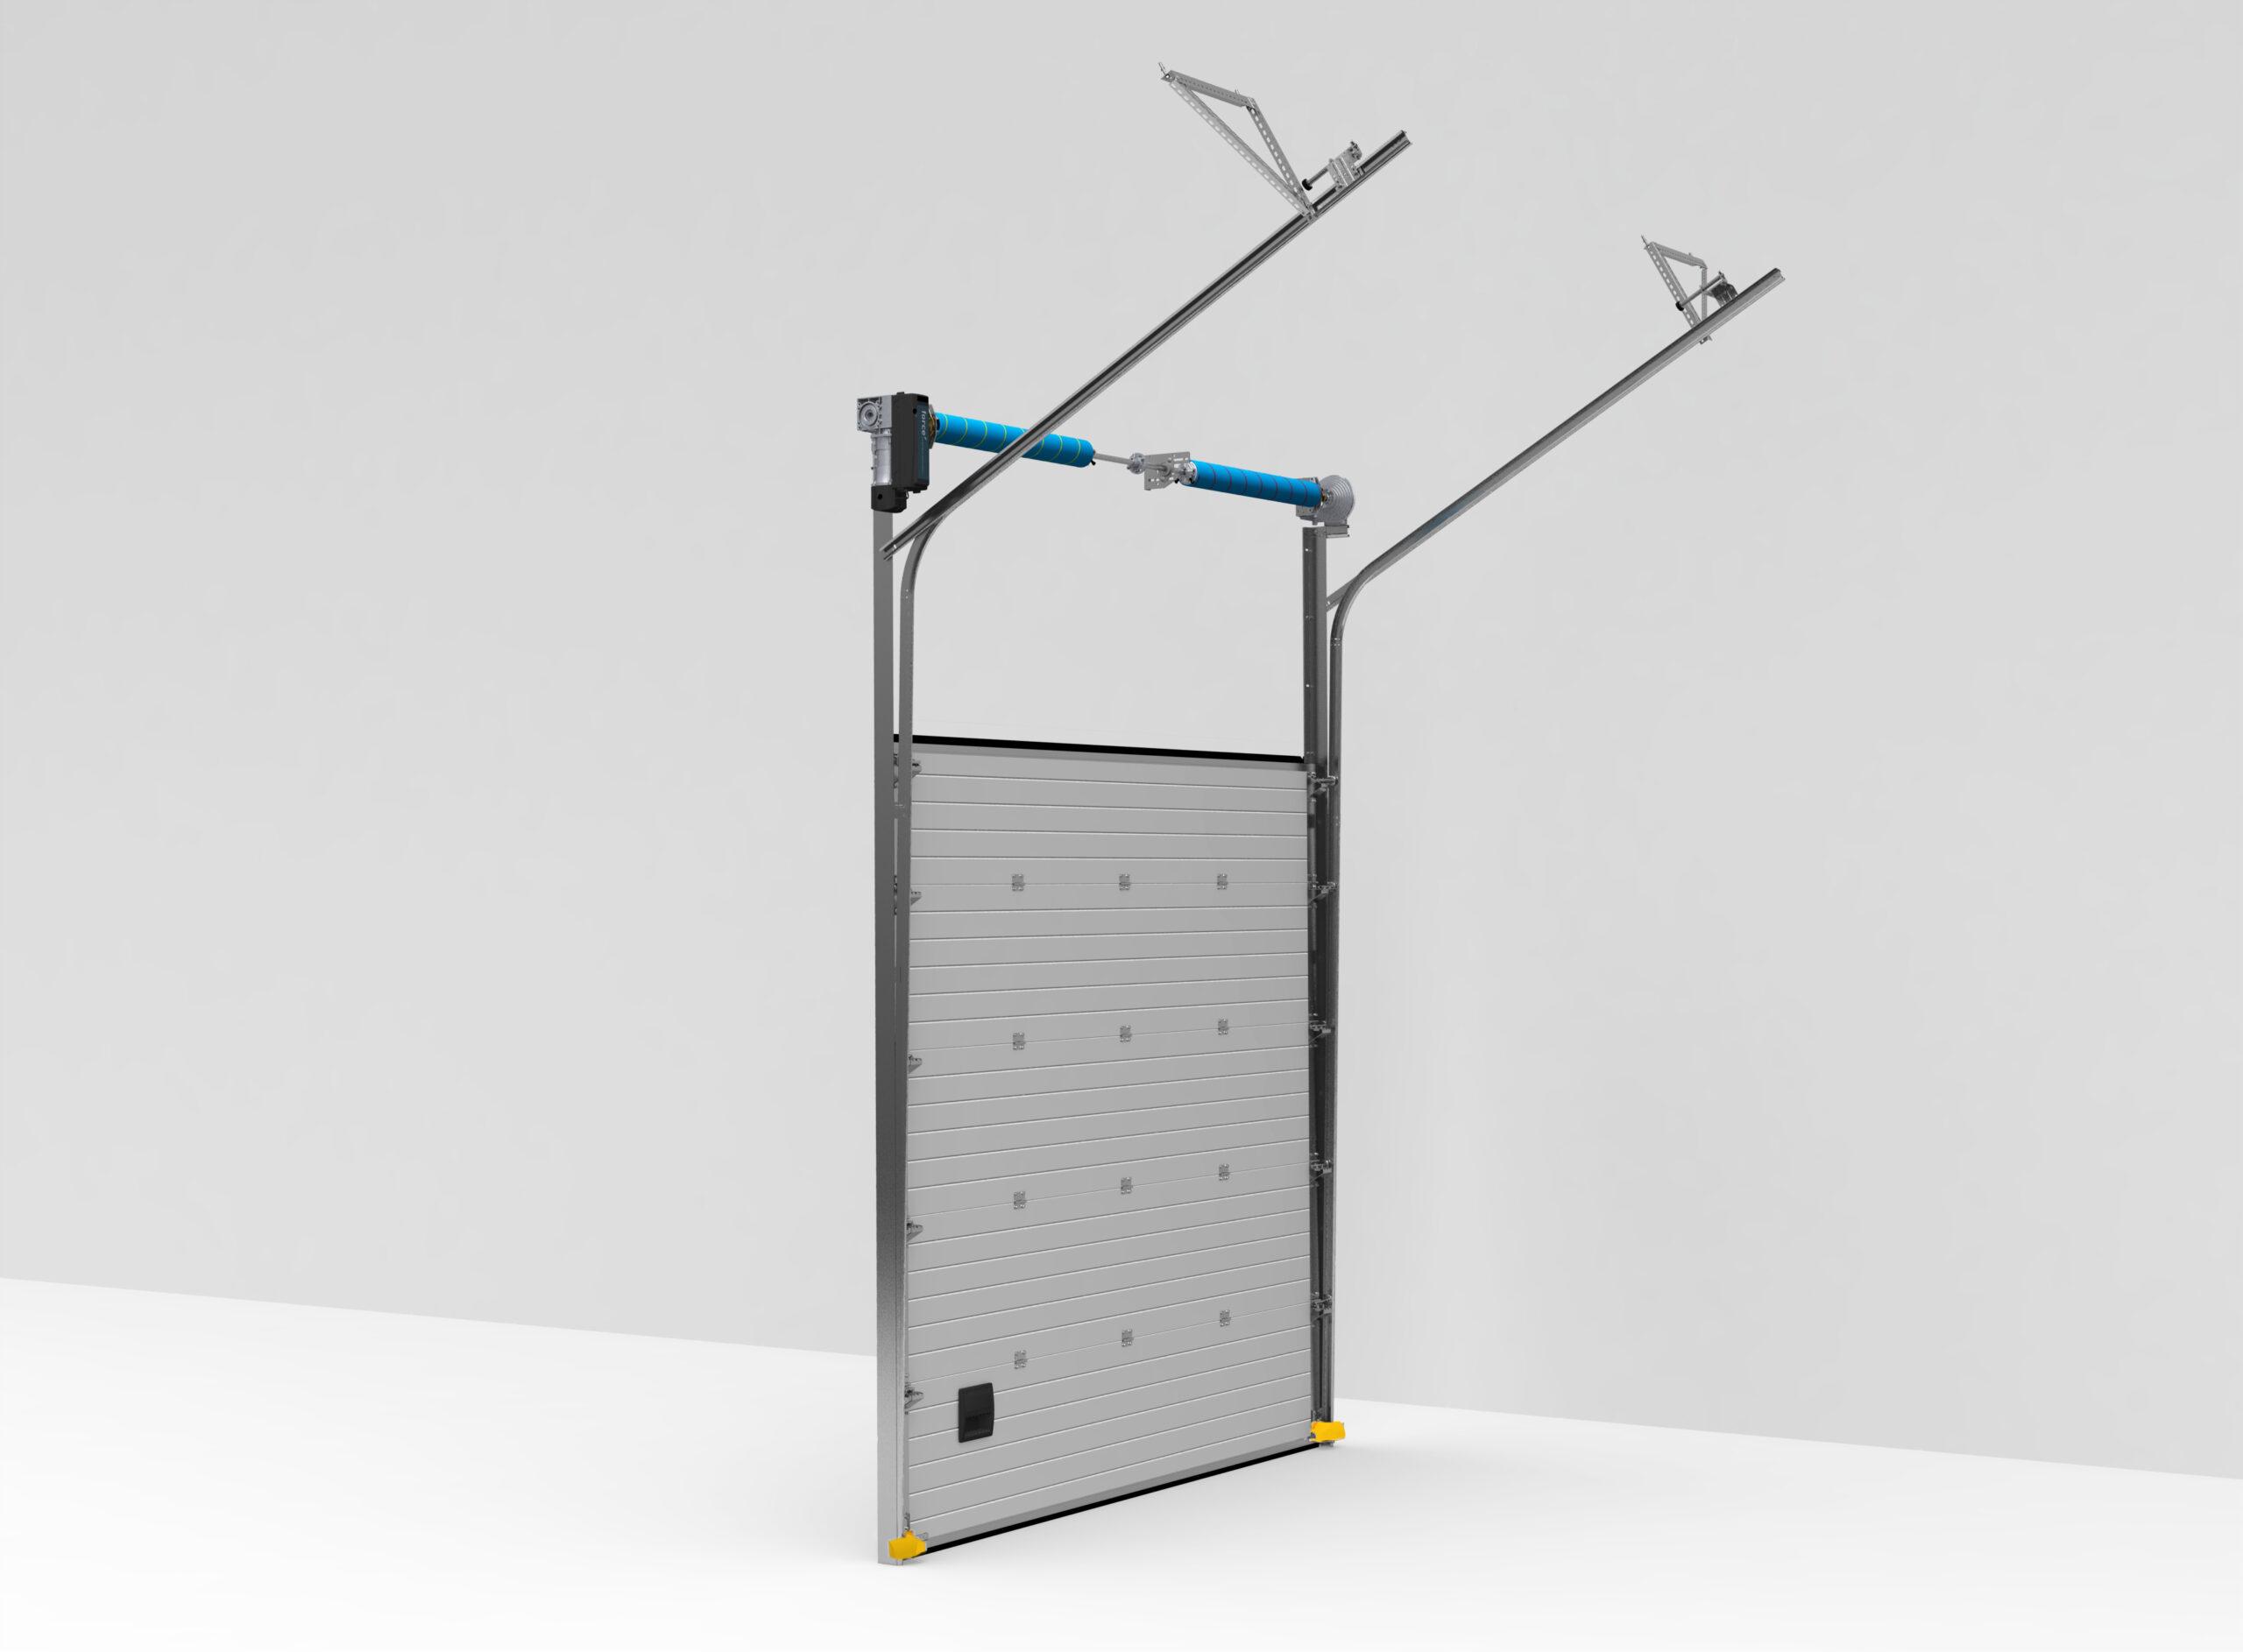 Seksiyonel Endüstriyel Kapı Yüksek Yataklama Çatı Eğimli